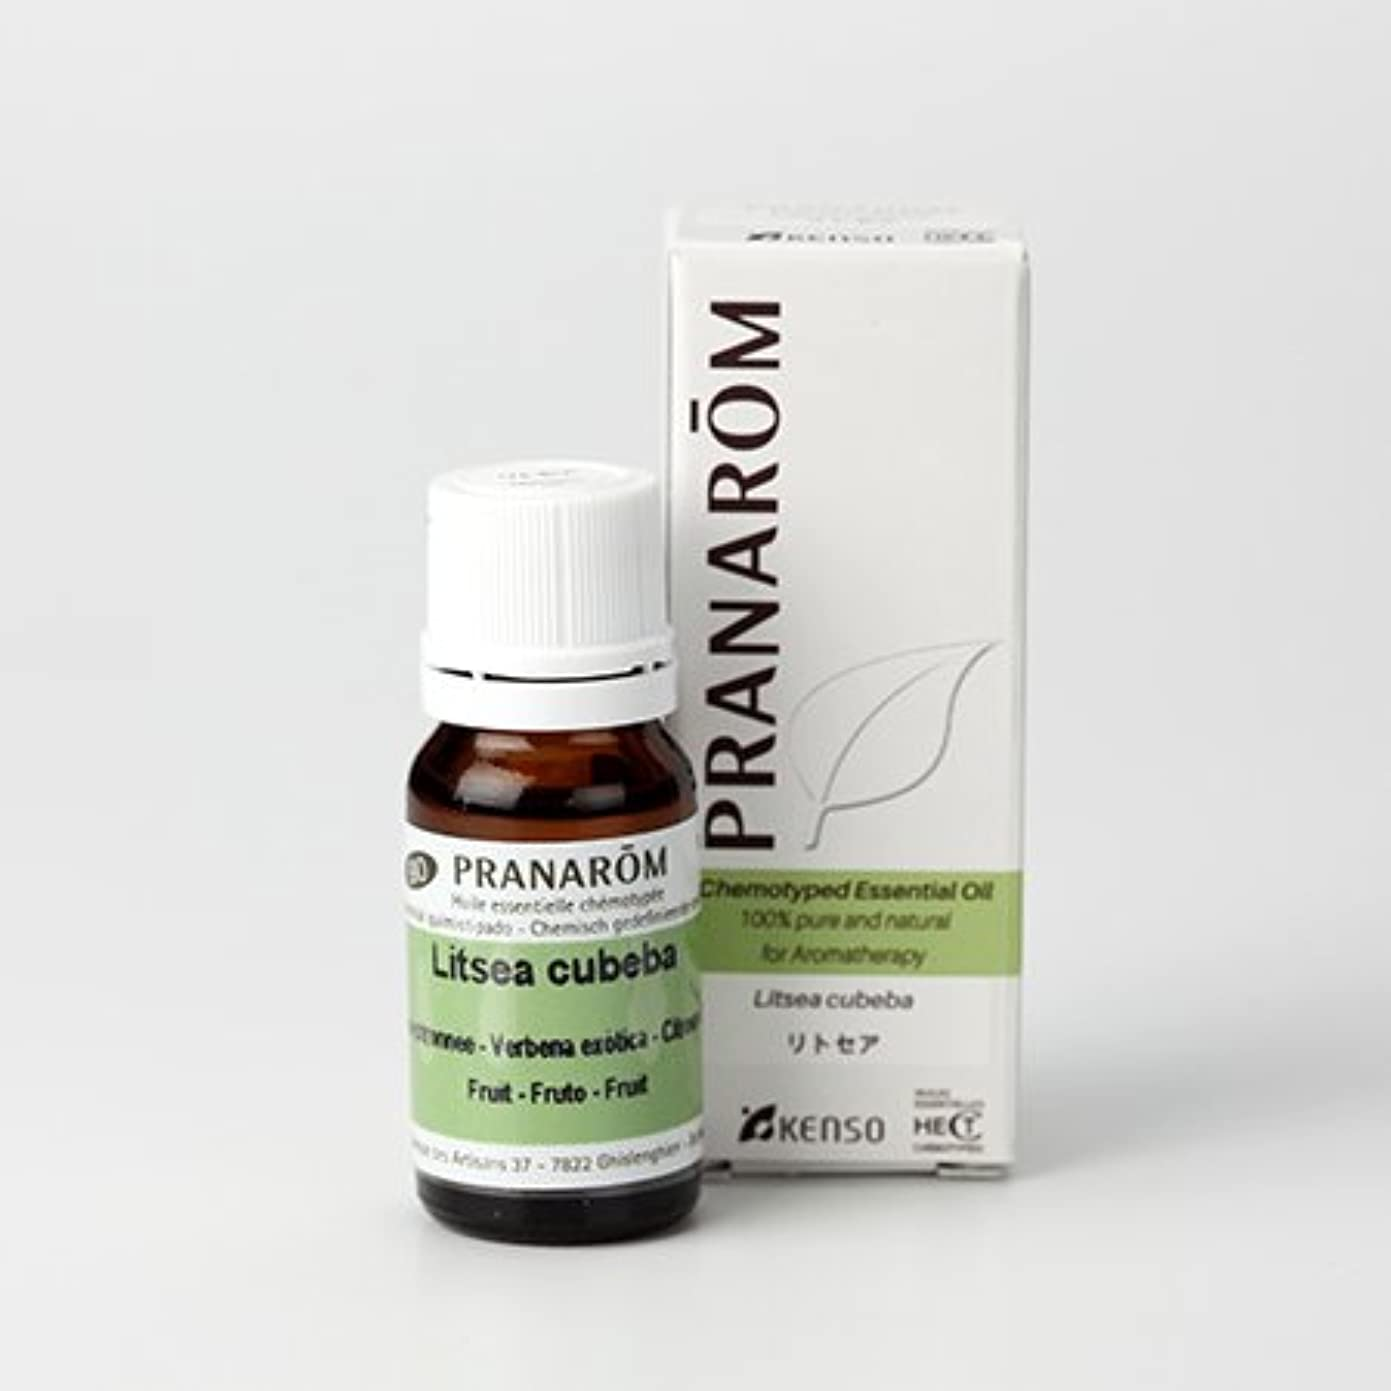 花火月曜シネマプラナロム ( PRANAROM ) 精油 リトセア 10ml p-107